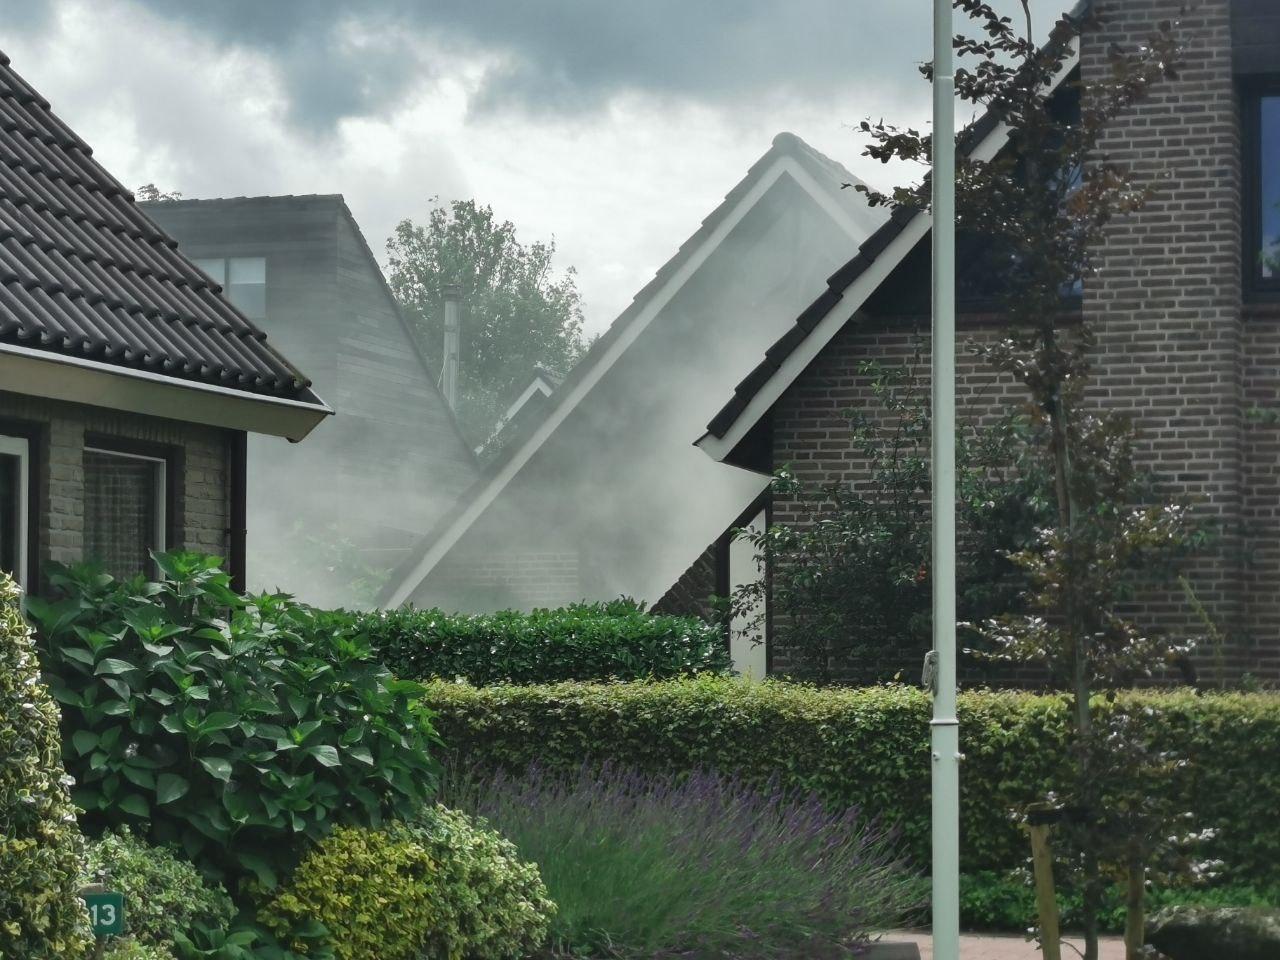 Veel rookontwikkeling na aanleg Vloerisolatie in woning in Buitenpost